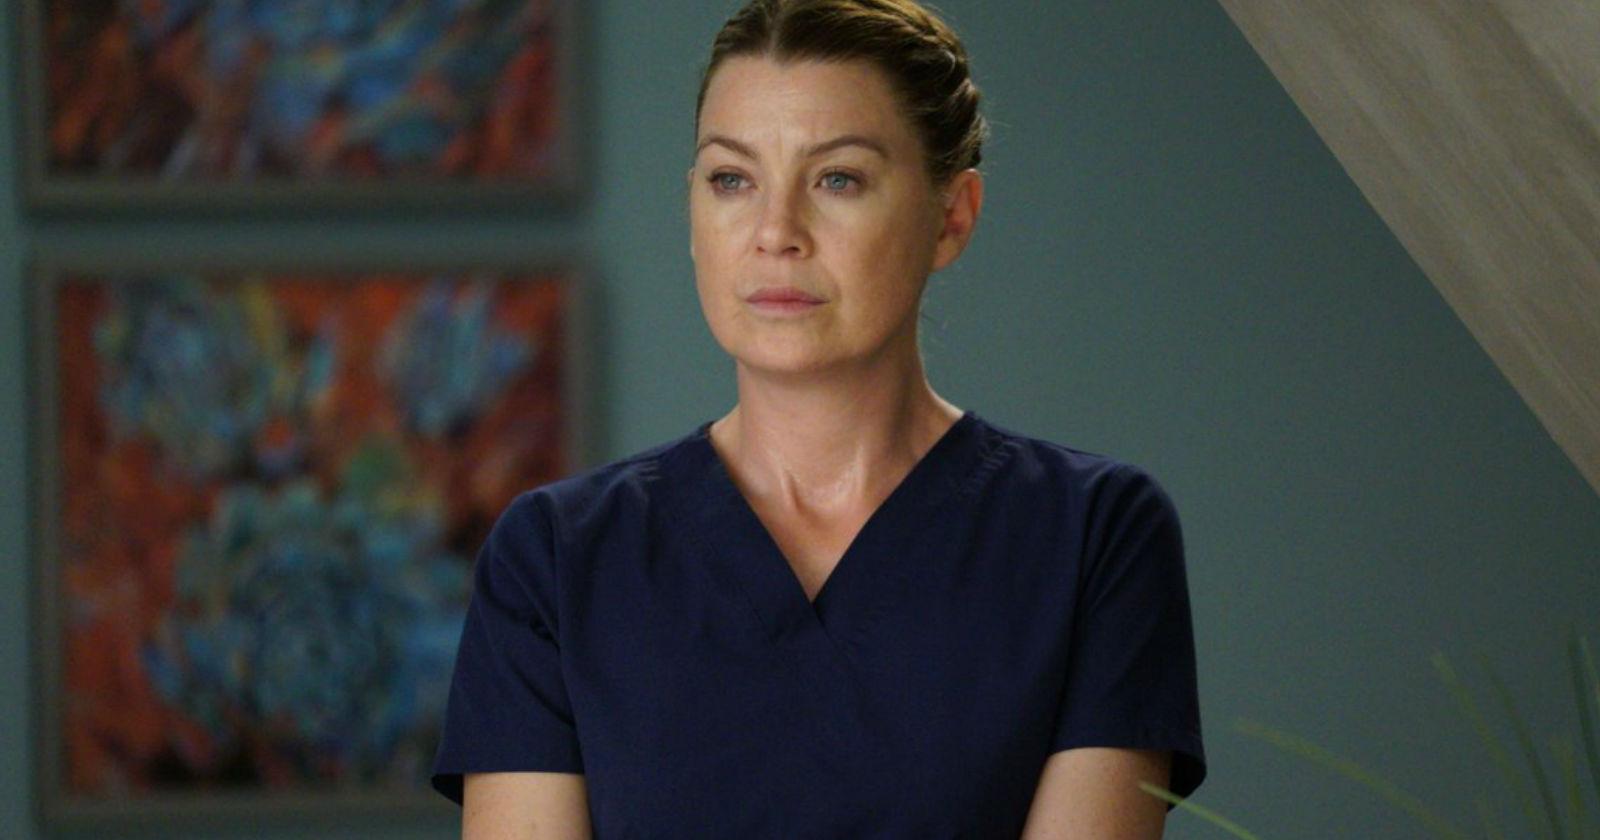 Todo lo que necesitas saber antes del estreno de la nueva temporada de Grey's Anatomy